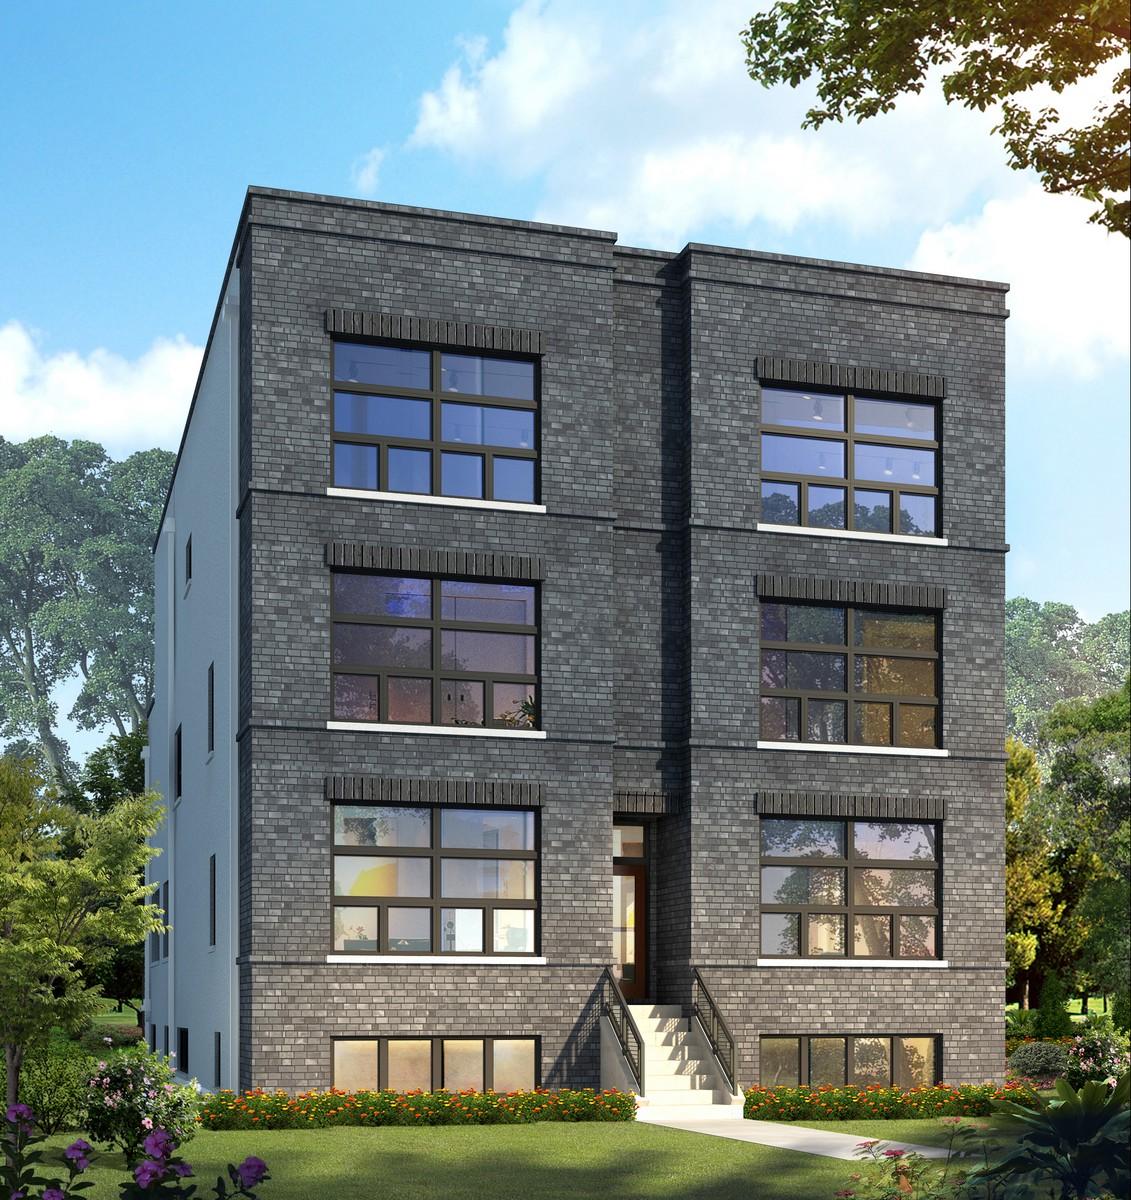 Doppelhaus für Verkauf beim Deluxe Condo 1627 S Miller Street Unit 2S Pilsen (Lower West Side), Chicago, Illinois, 60608 Vereinigte Staaten